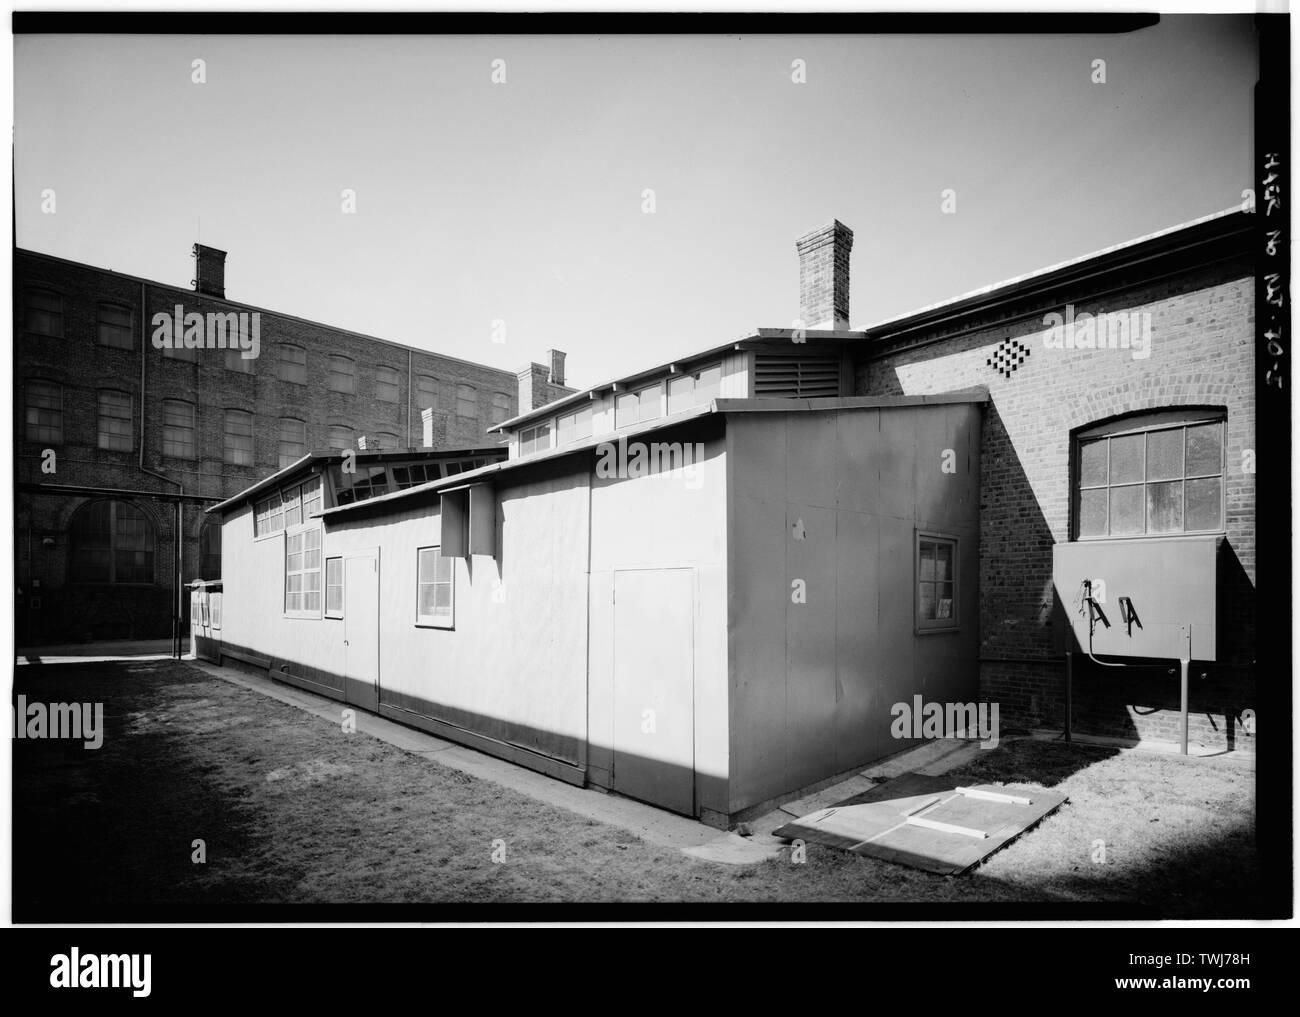 Shanty attaché à l'Édifice no 2 - Thomas A. Edison Laboratories, Rue Principale et Lakeside Avenue, West Orange, comté d'Essex, NJ Banque D'Images